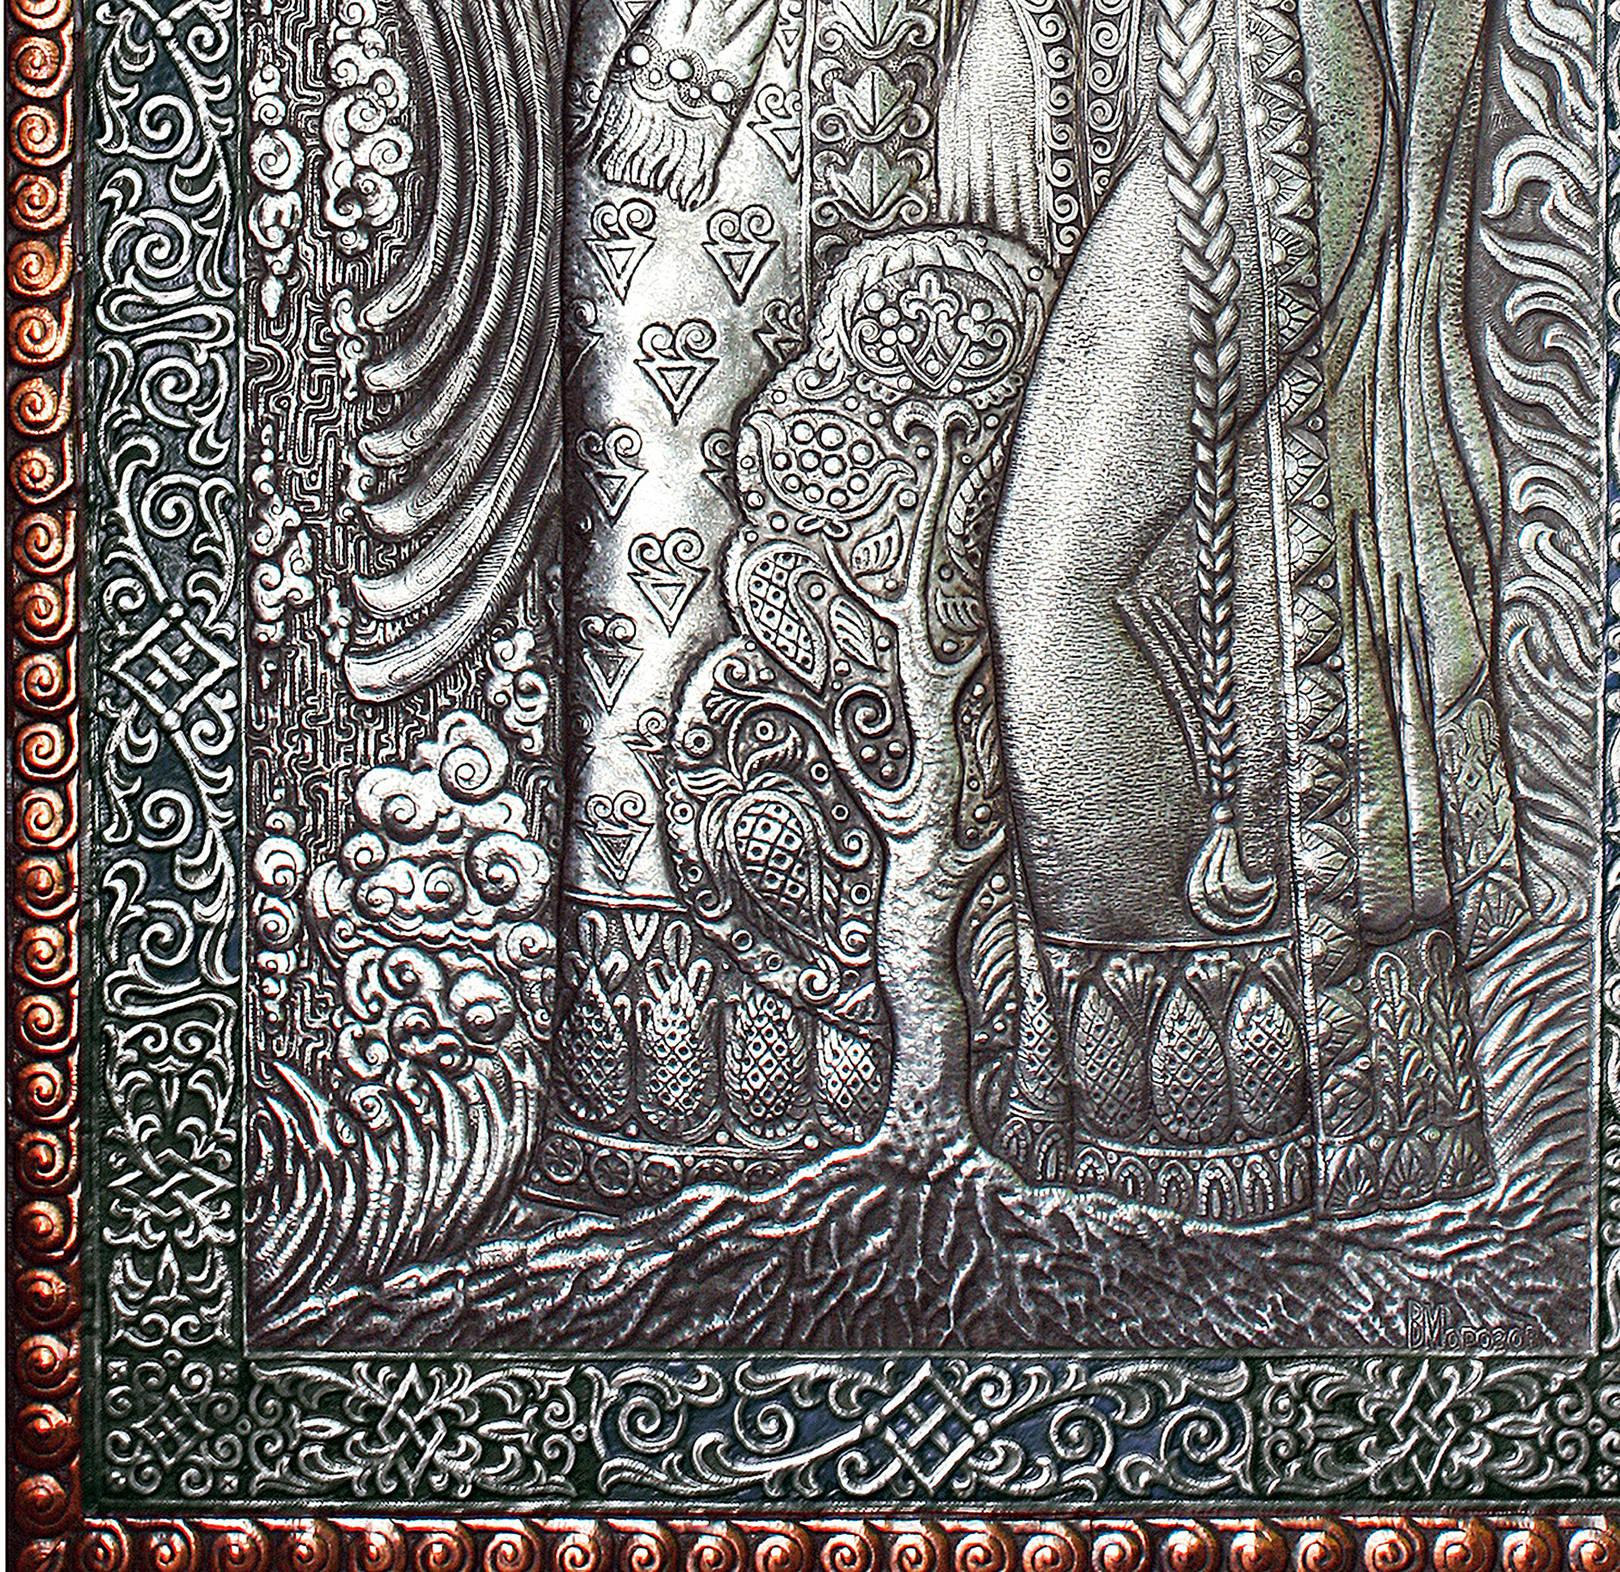 Отец Свет- Небо и Мать - Сыра Земля (фрагмент панно) 2014 г. Алюминий, медь; чернение 115,5 х 66 см